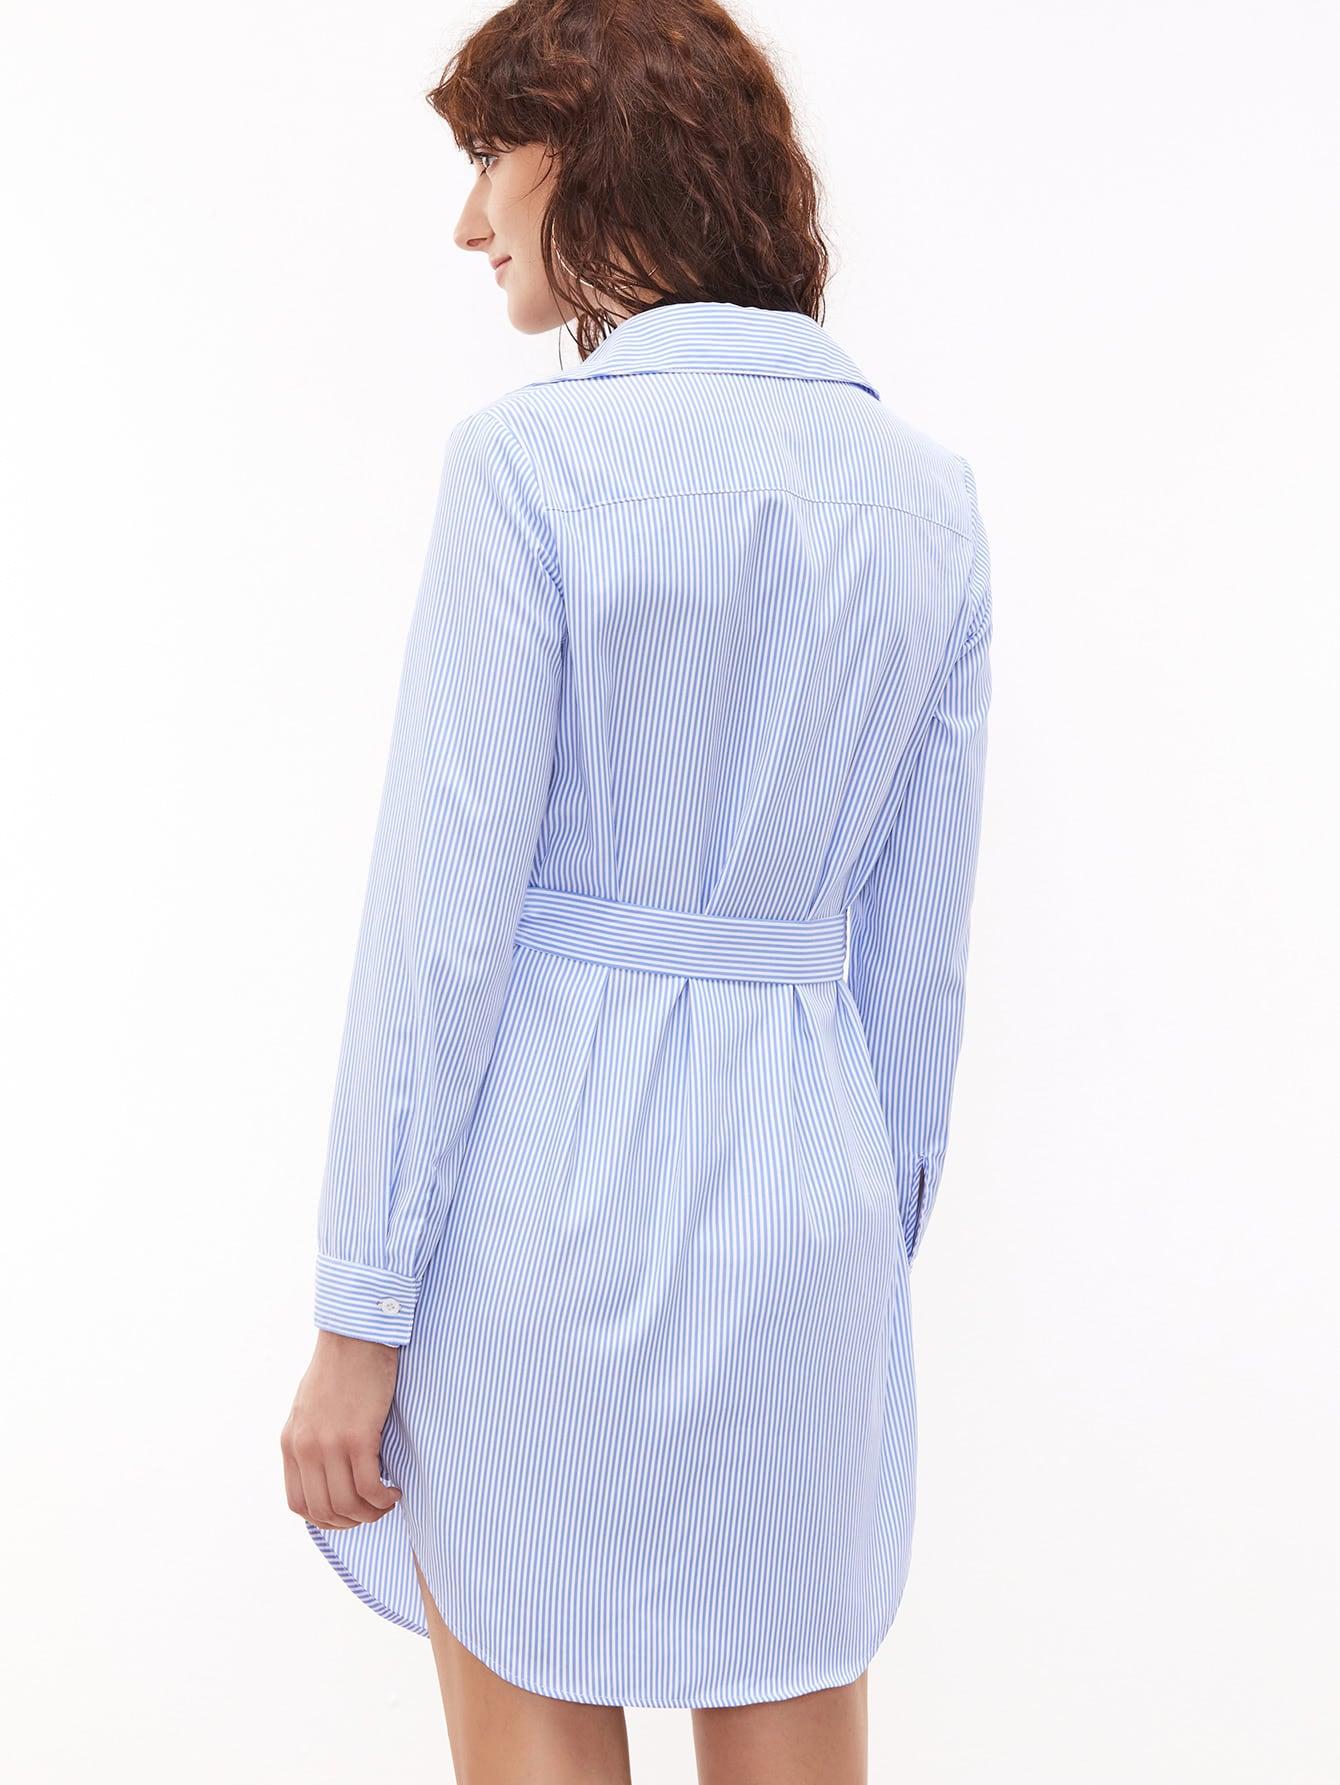 dress161201727_2